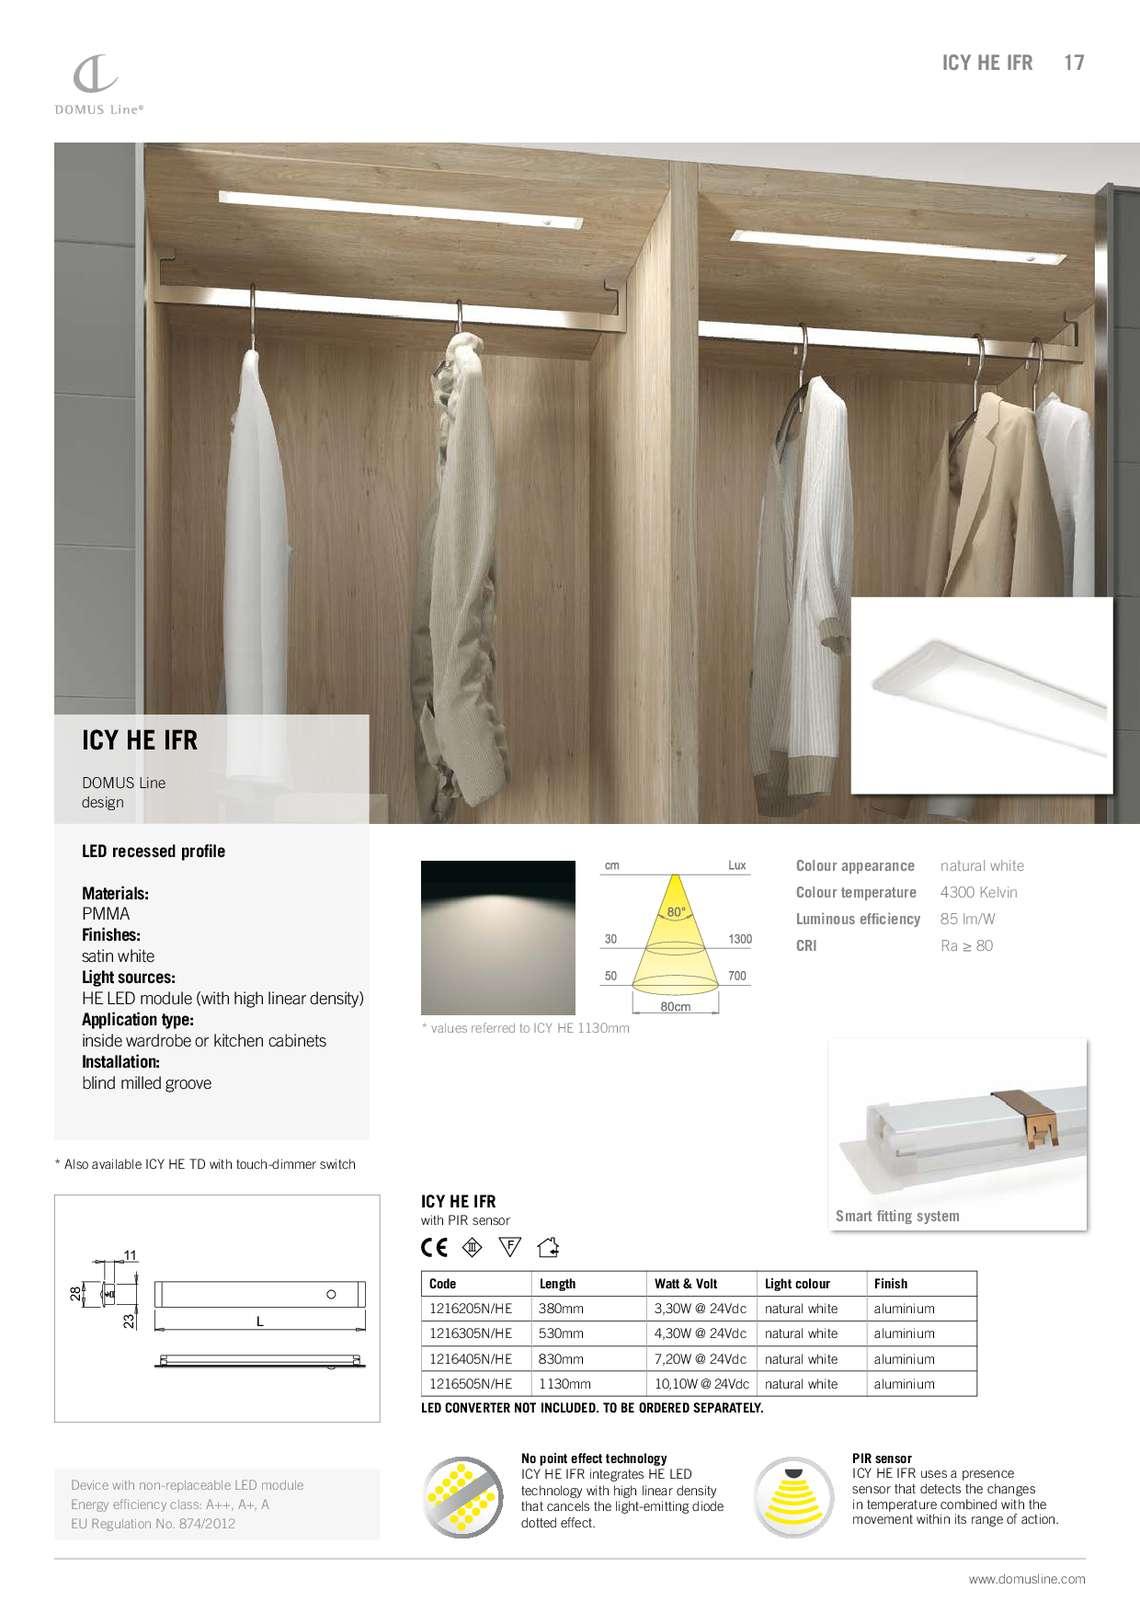 domus-line-top-seller_27_018.jpg